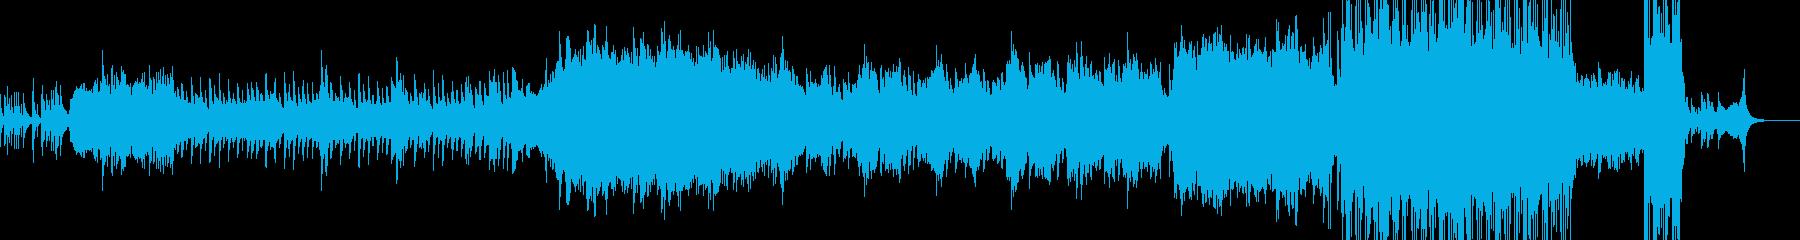 2人が結ばれる時・劇的なラストへ Bの再生済みの波形